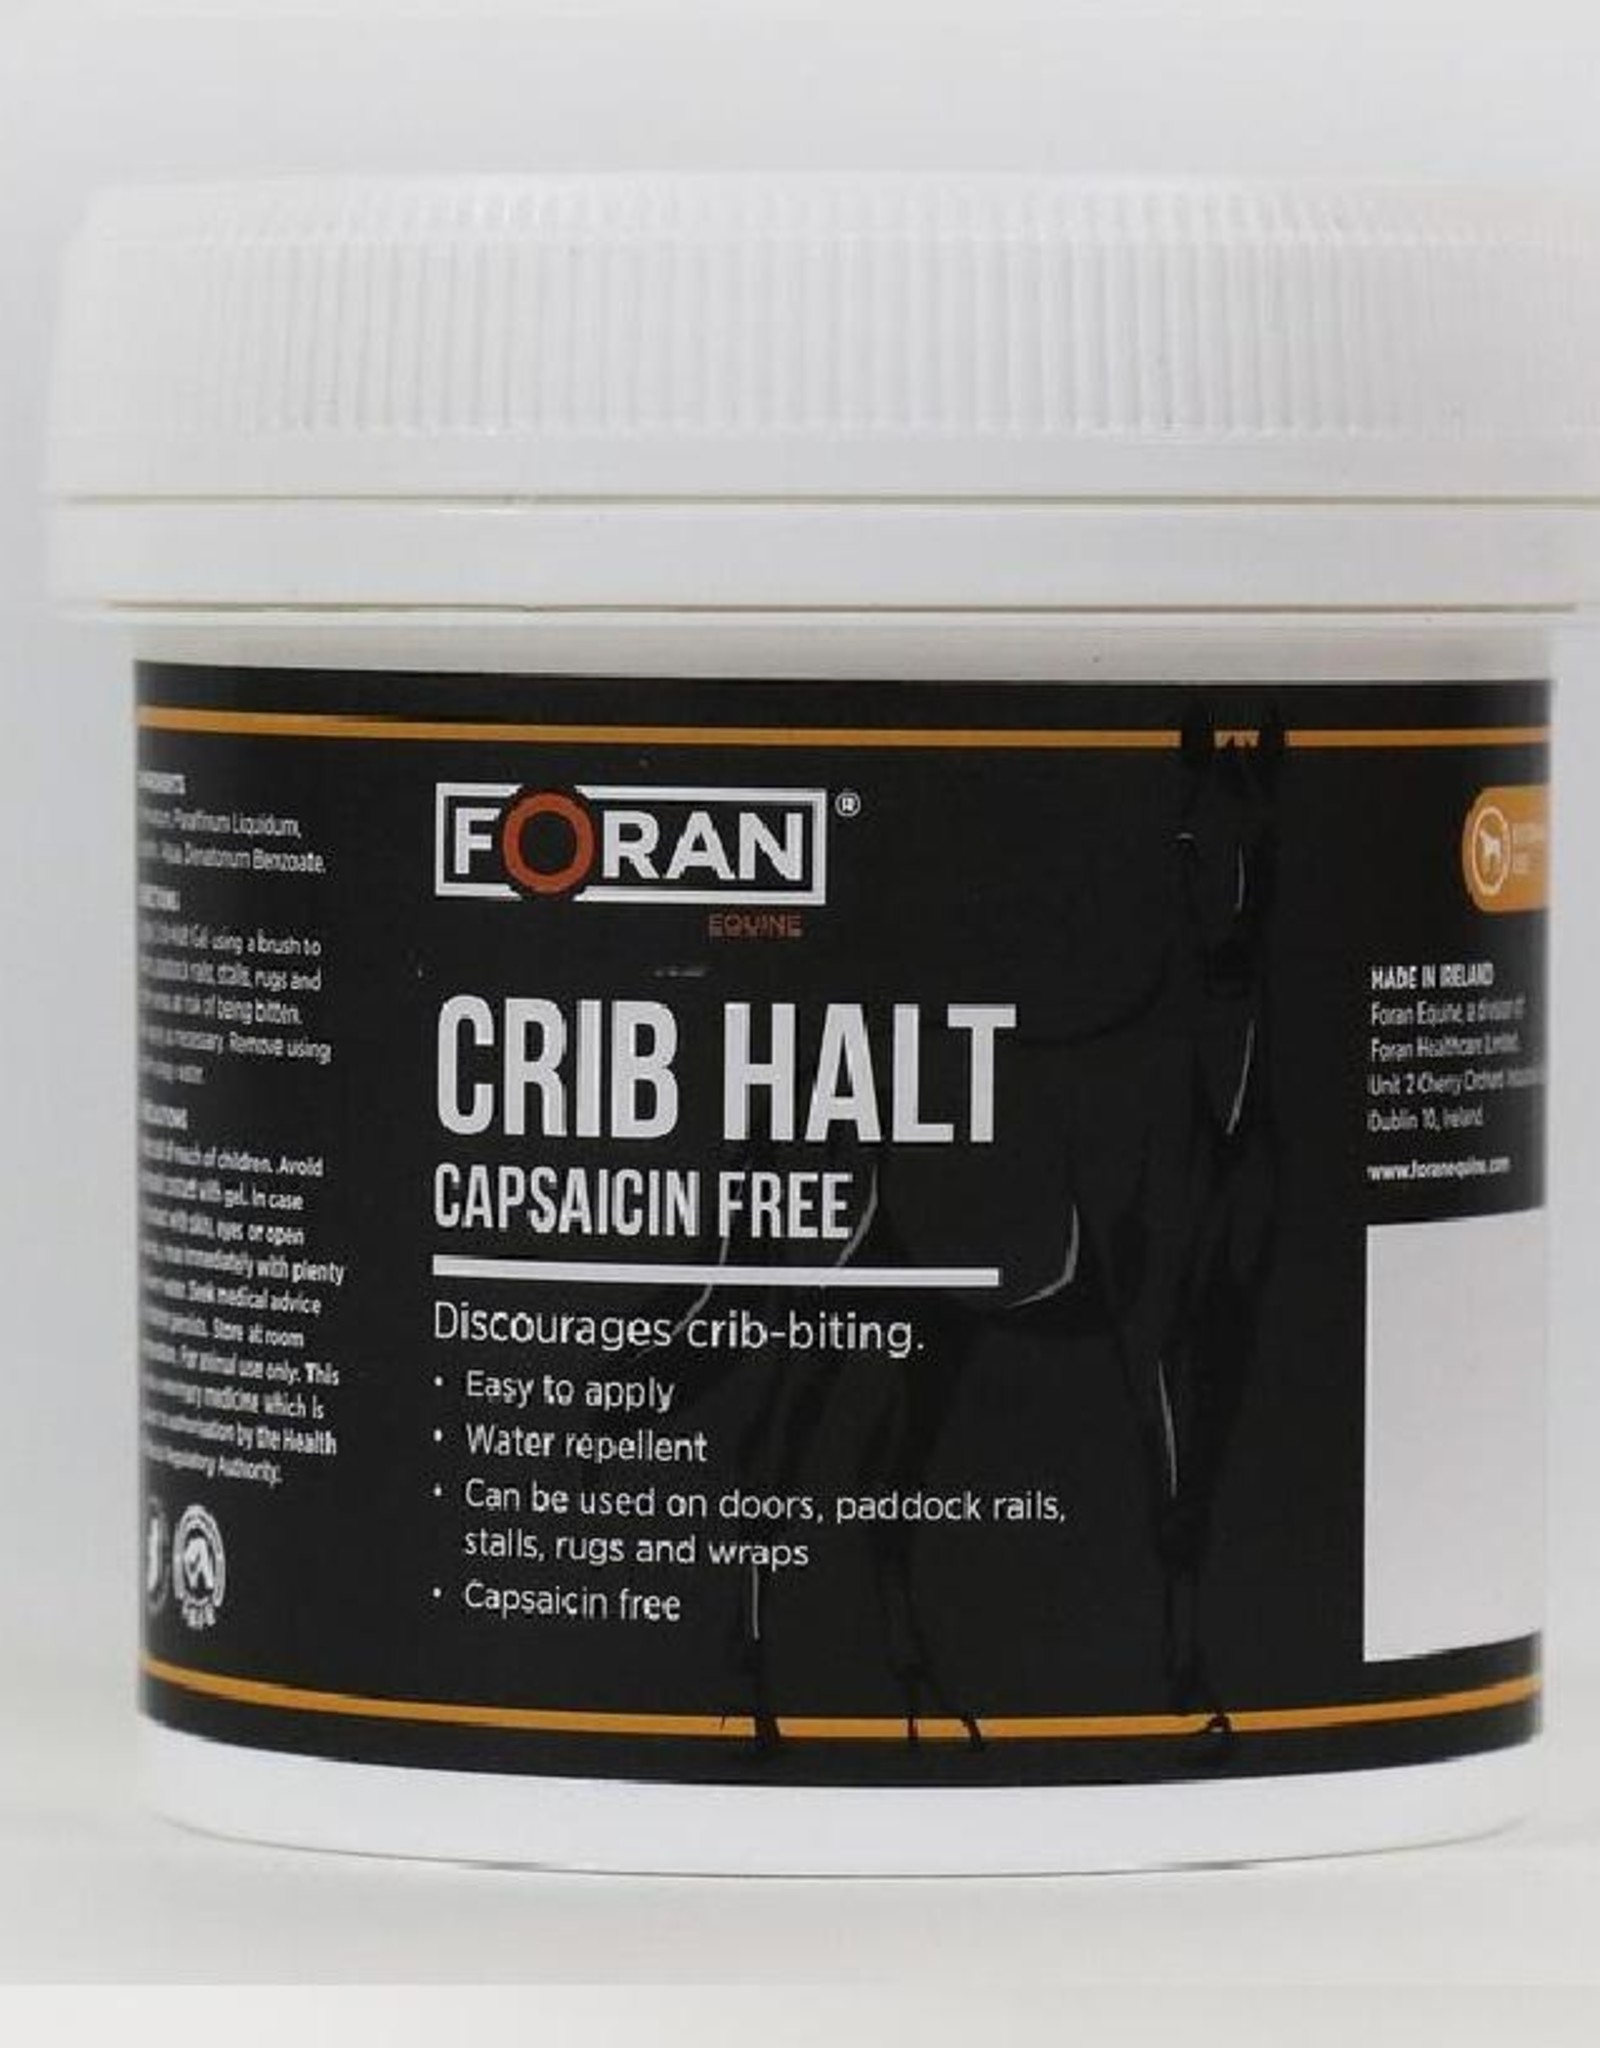 Foran Equine Crib-Halt Capsaicin Free